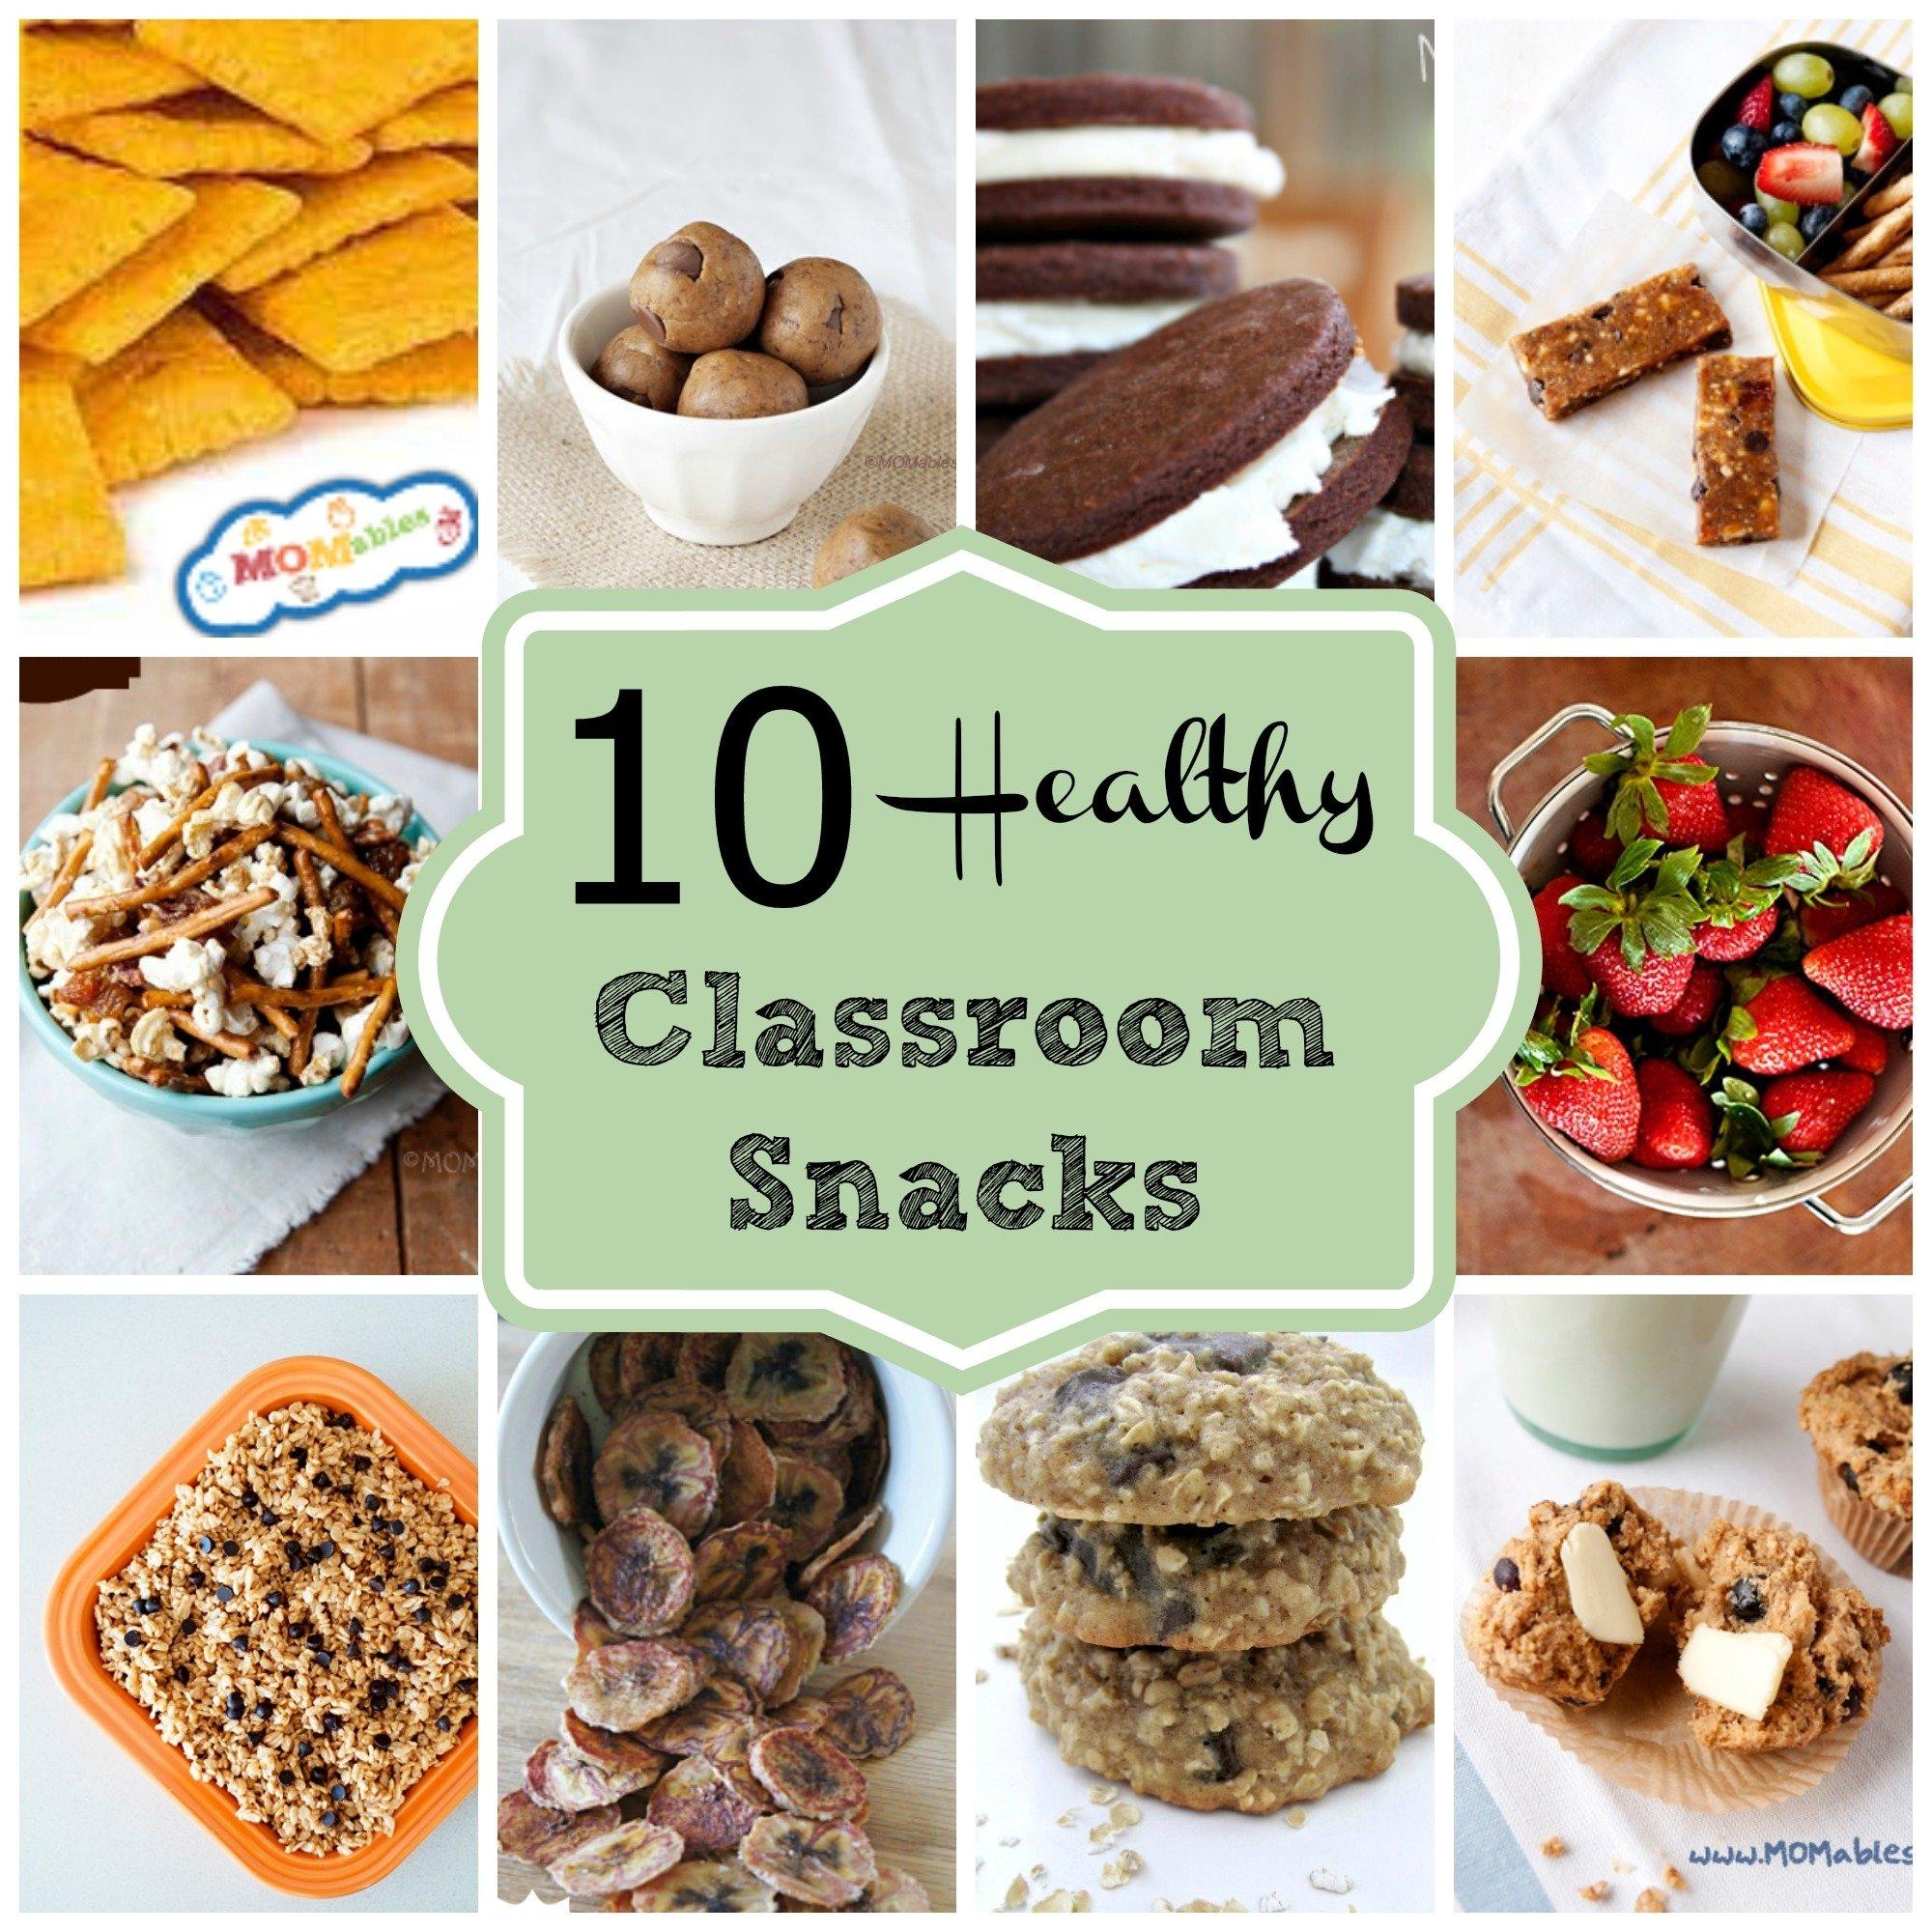 10 Attractive Snack Ideas For Kindergarten Class 10 healthy classroom snacks 2 2021